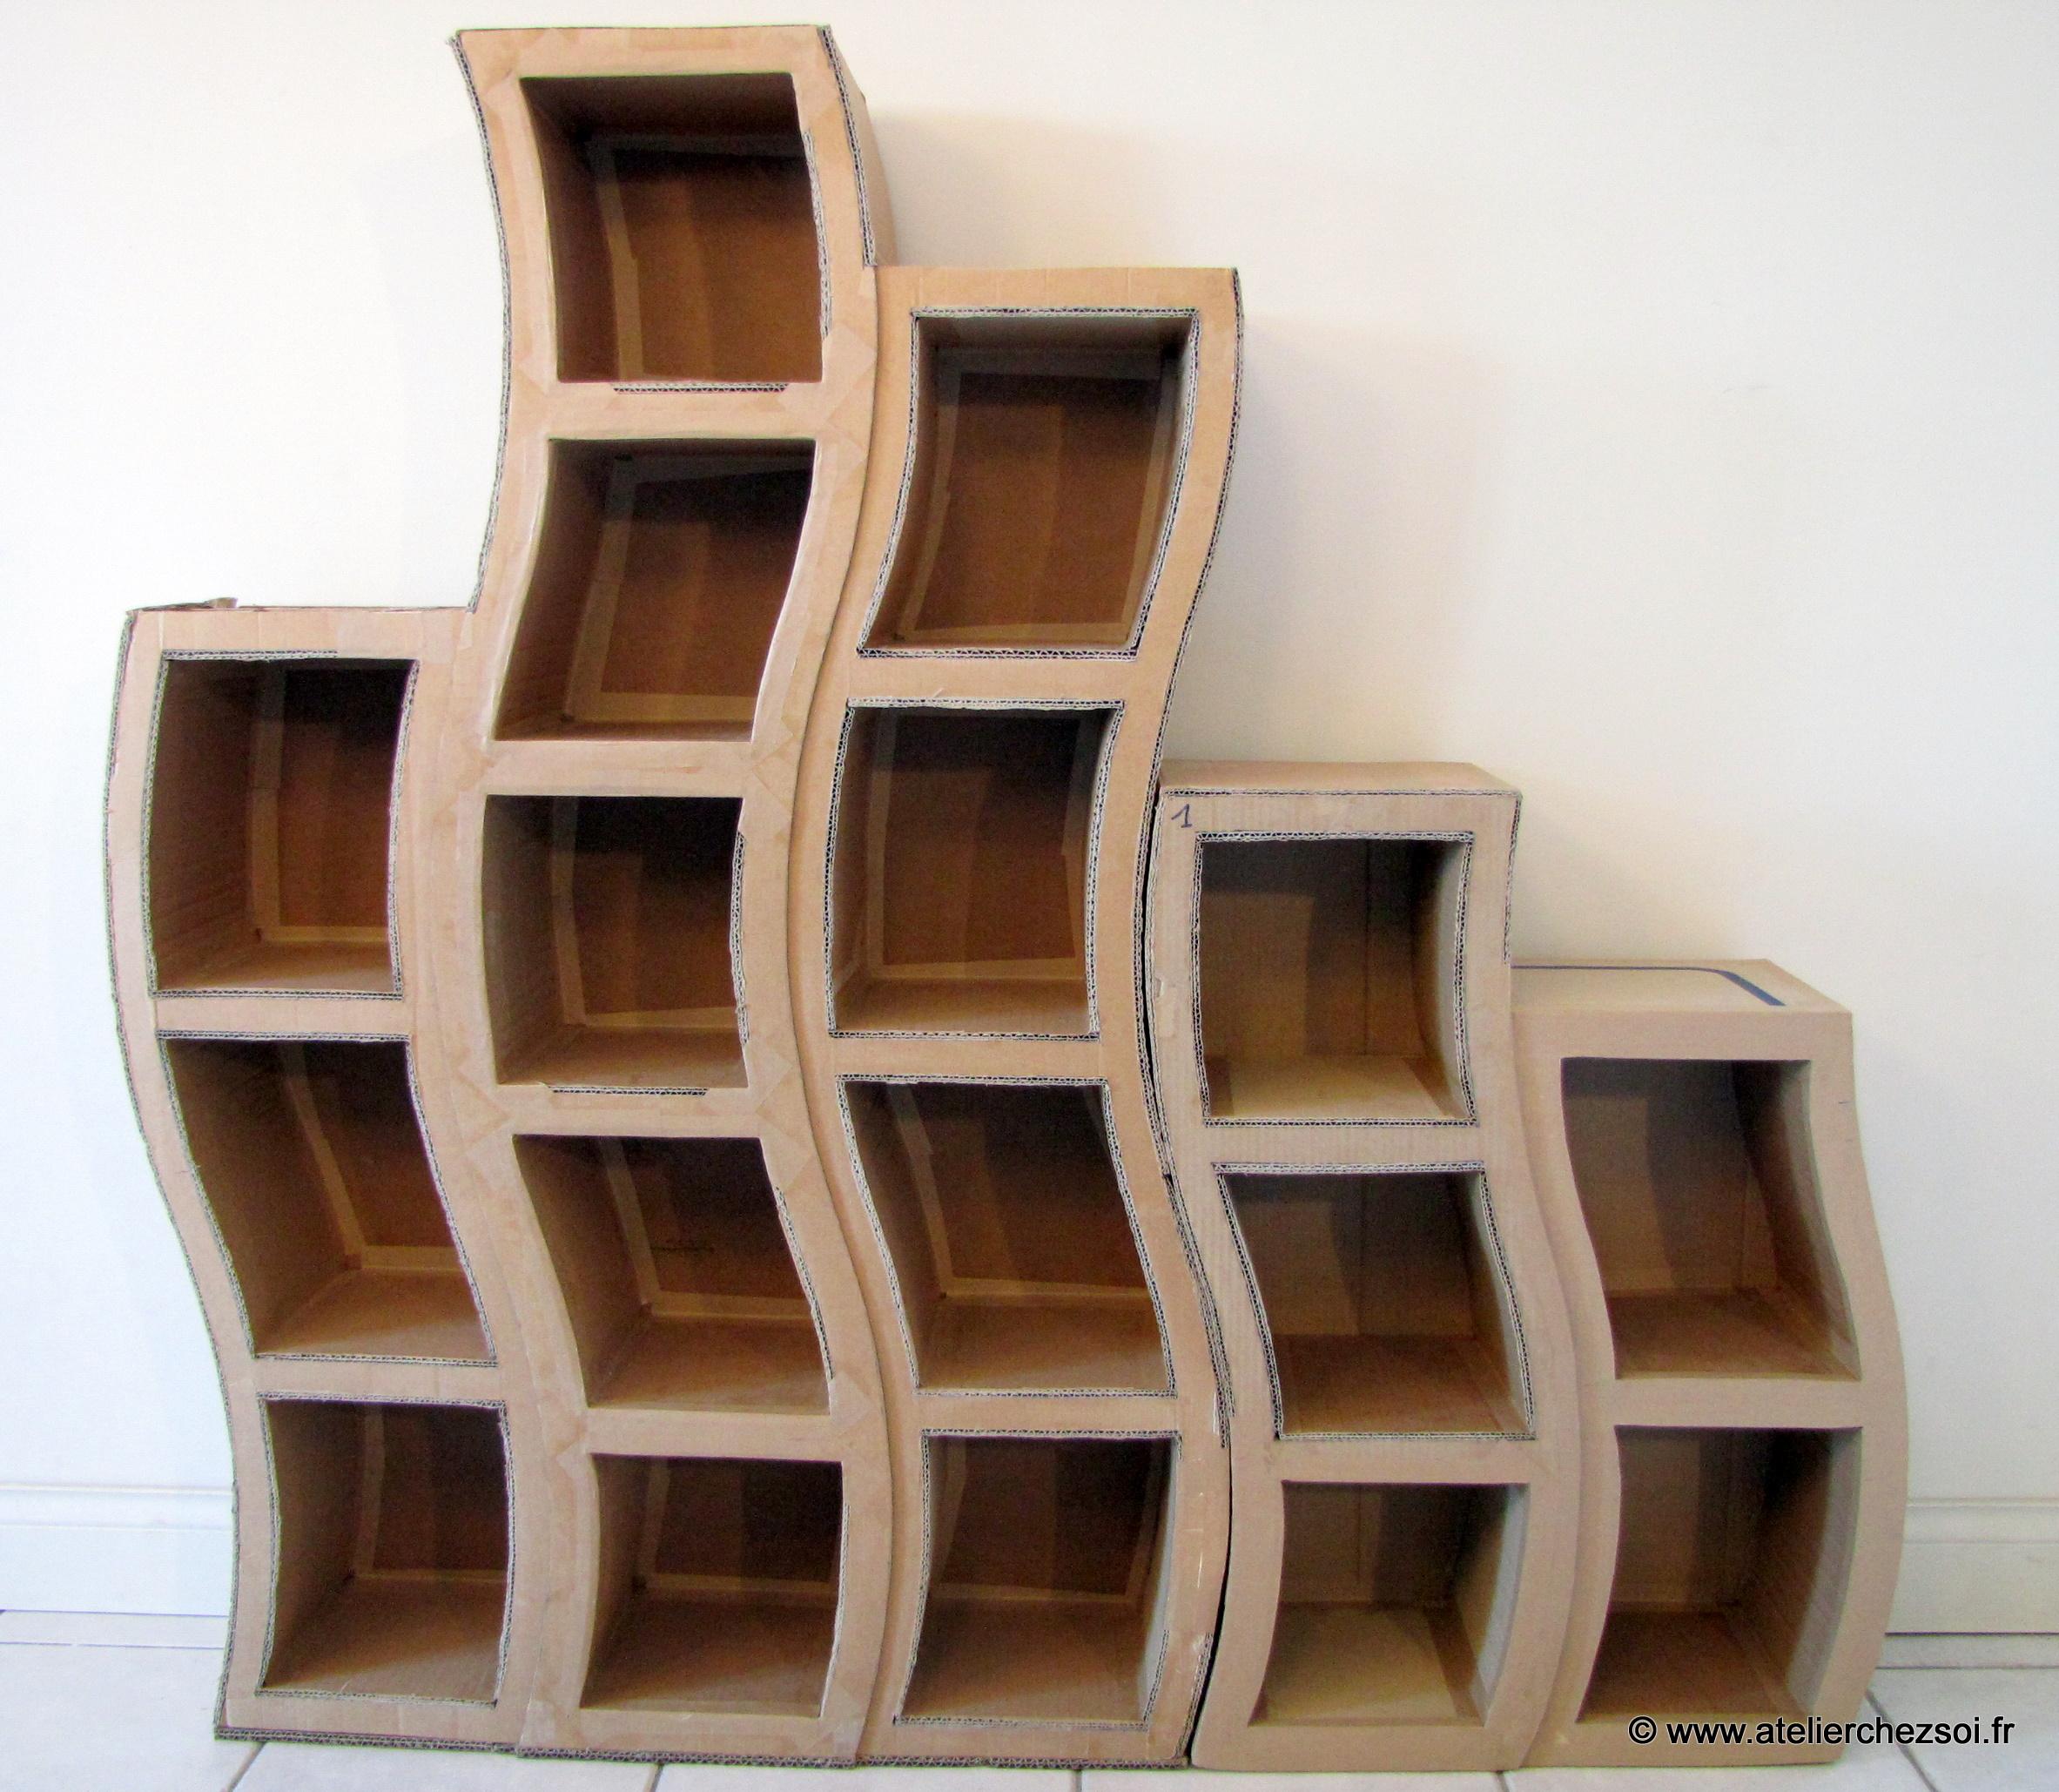 Image De Meuble En Carton patron de meuble en carton grande etagère hondule - mille et